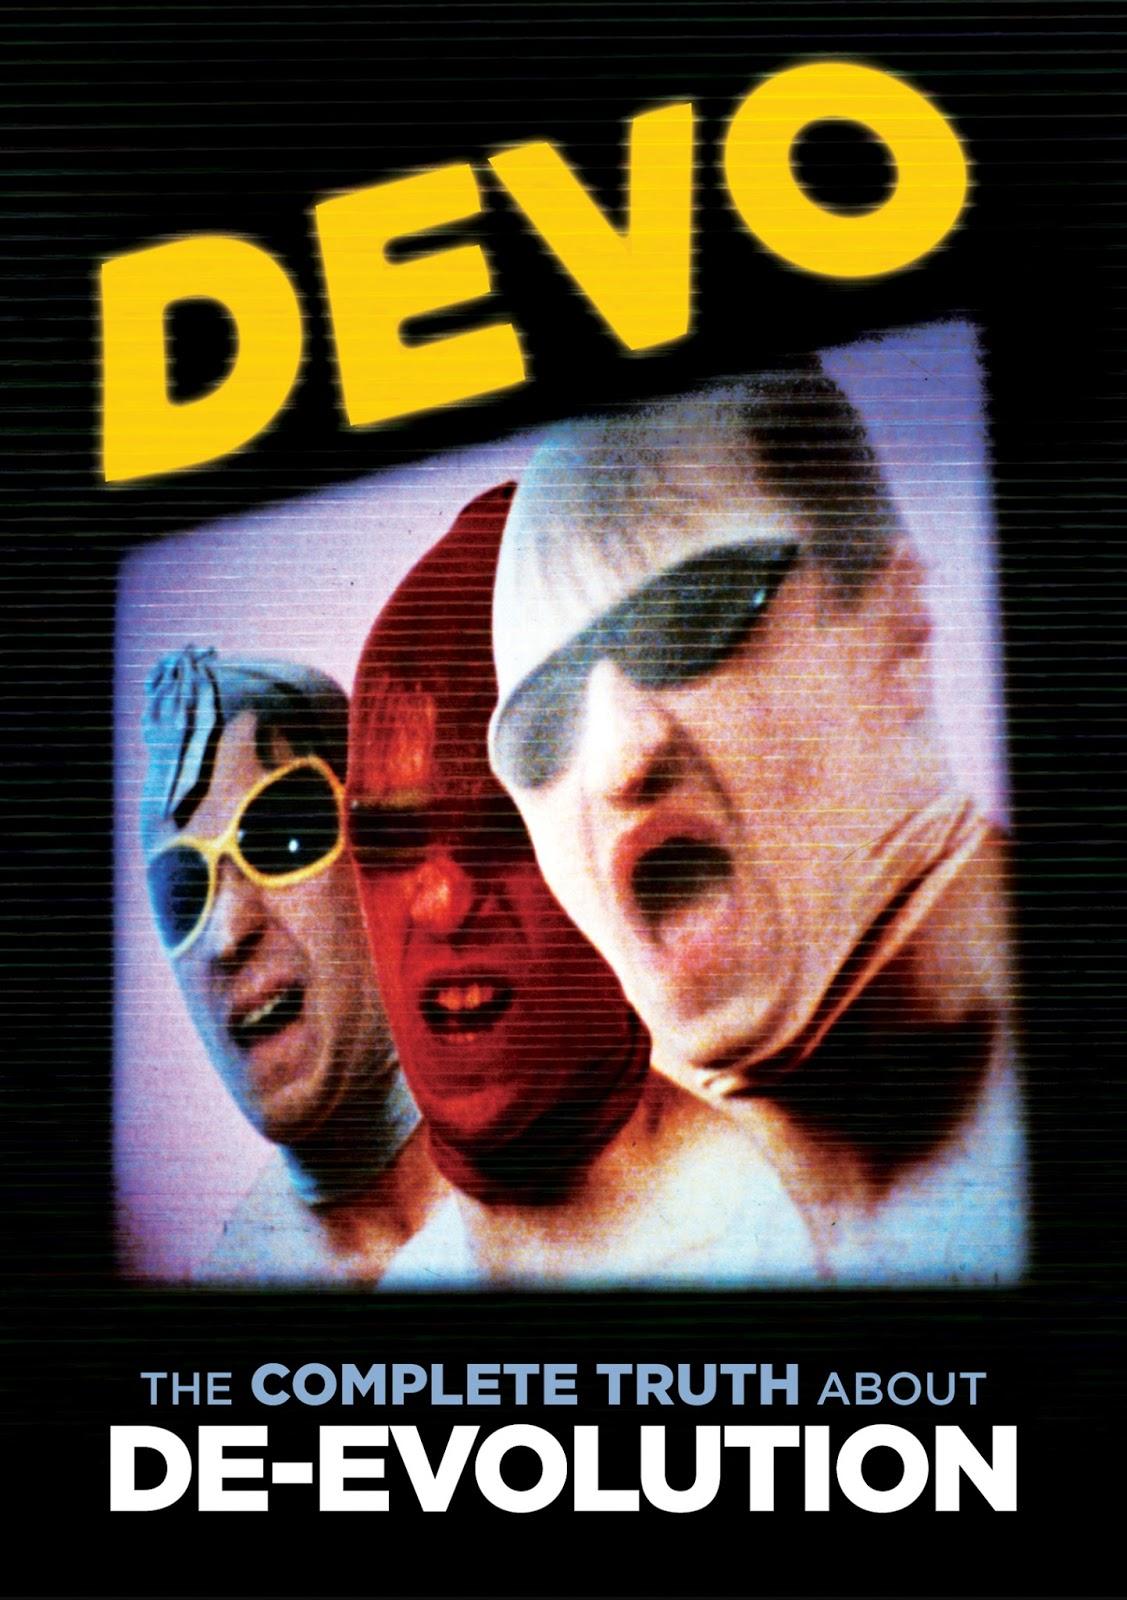 ... Integrity: DVD Review: DEVO: The Complete Truth About De-Evolution: http://ffanzeen.blogspot.com/2014/03/dvd-review-devo-complete-truth-about-de.html